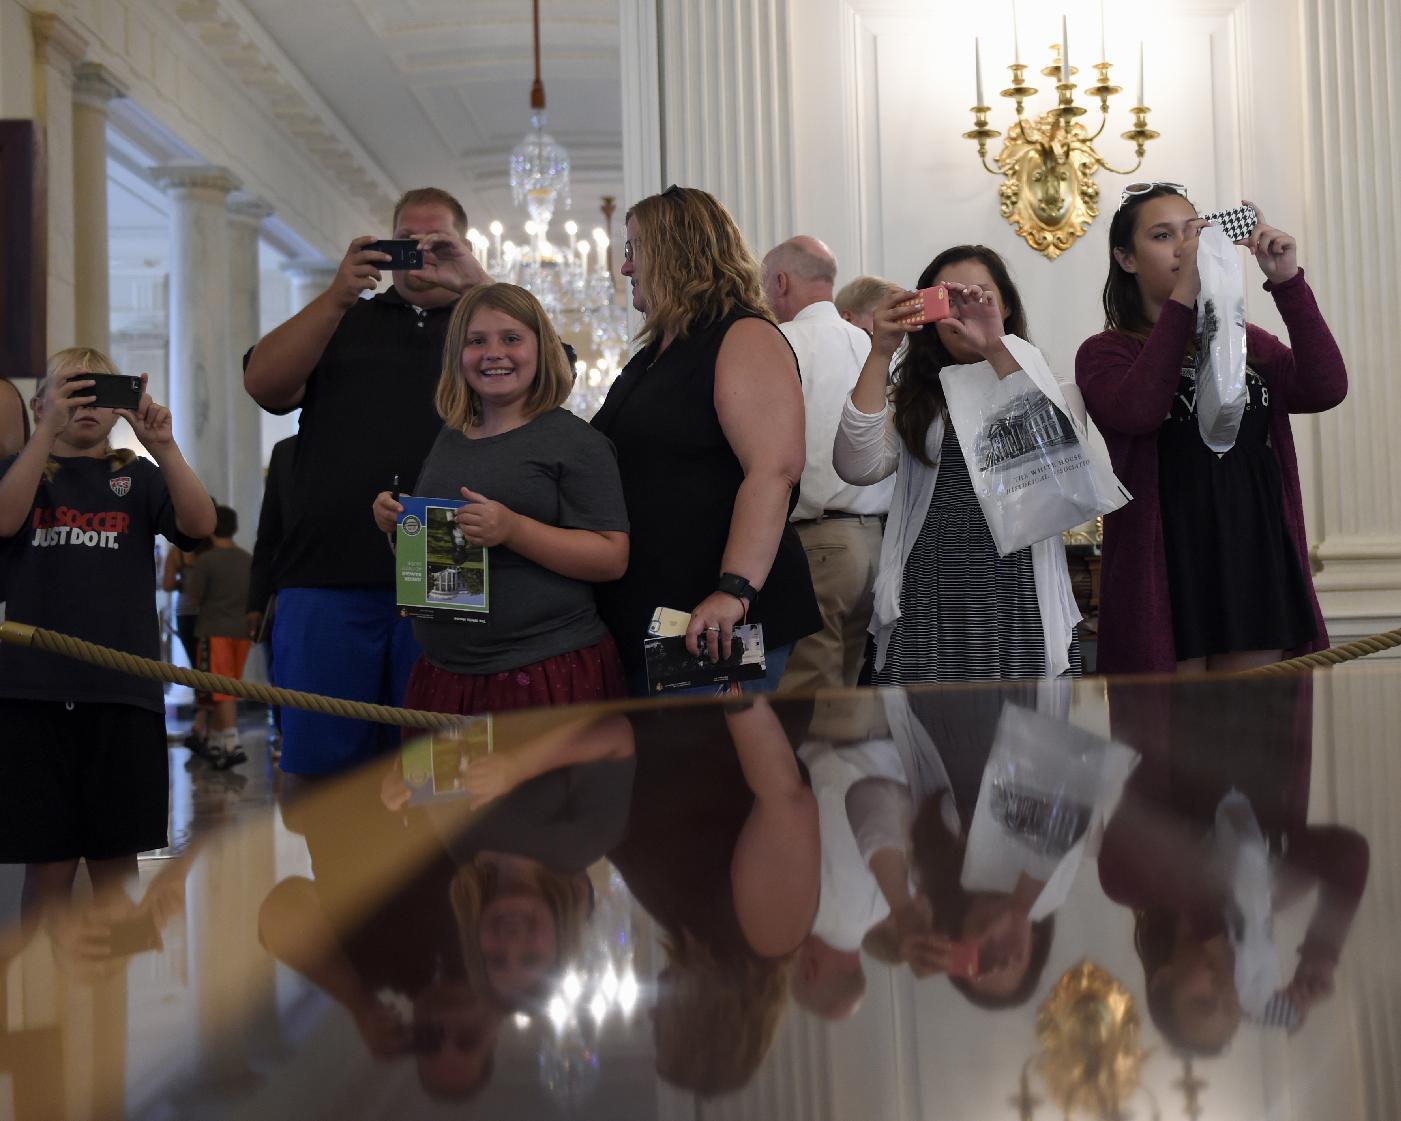 White House to allow photos, social media on public tours